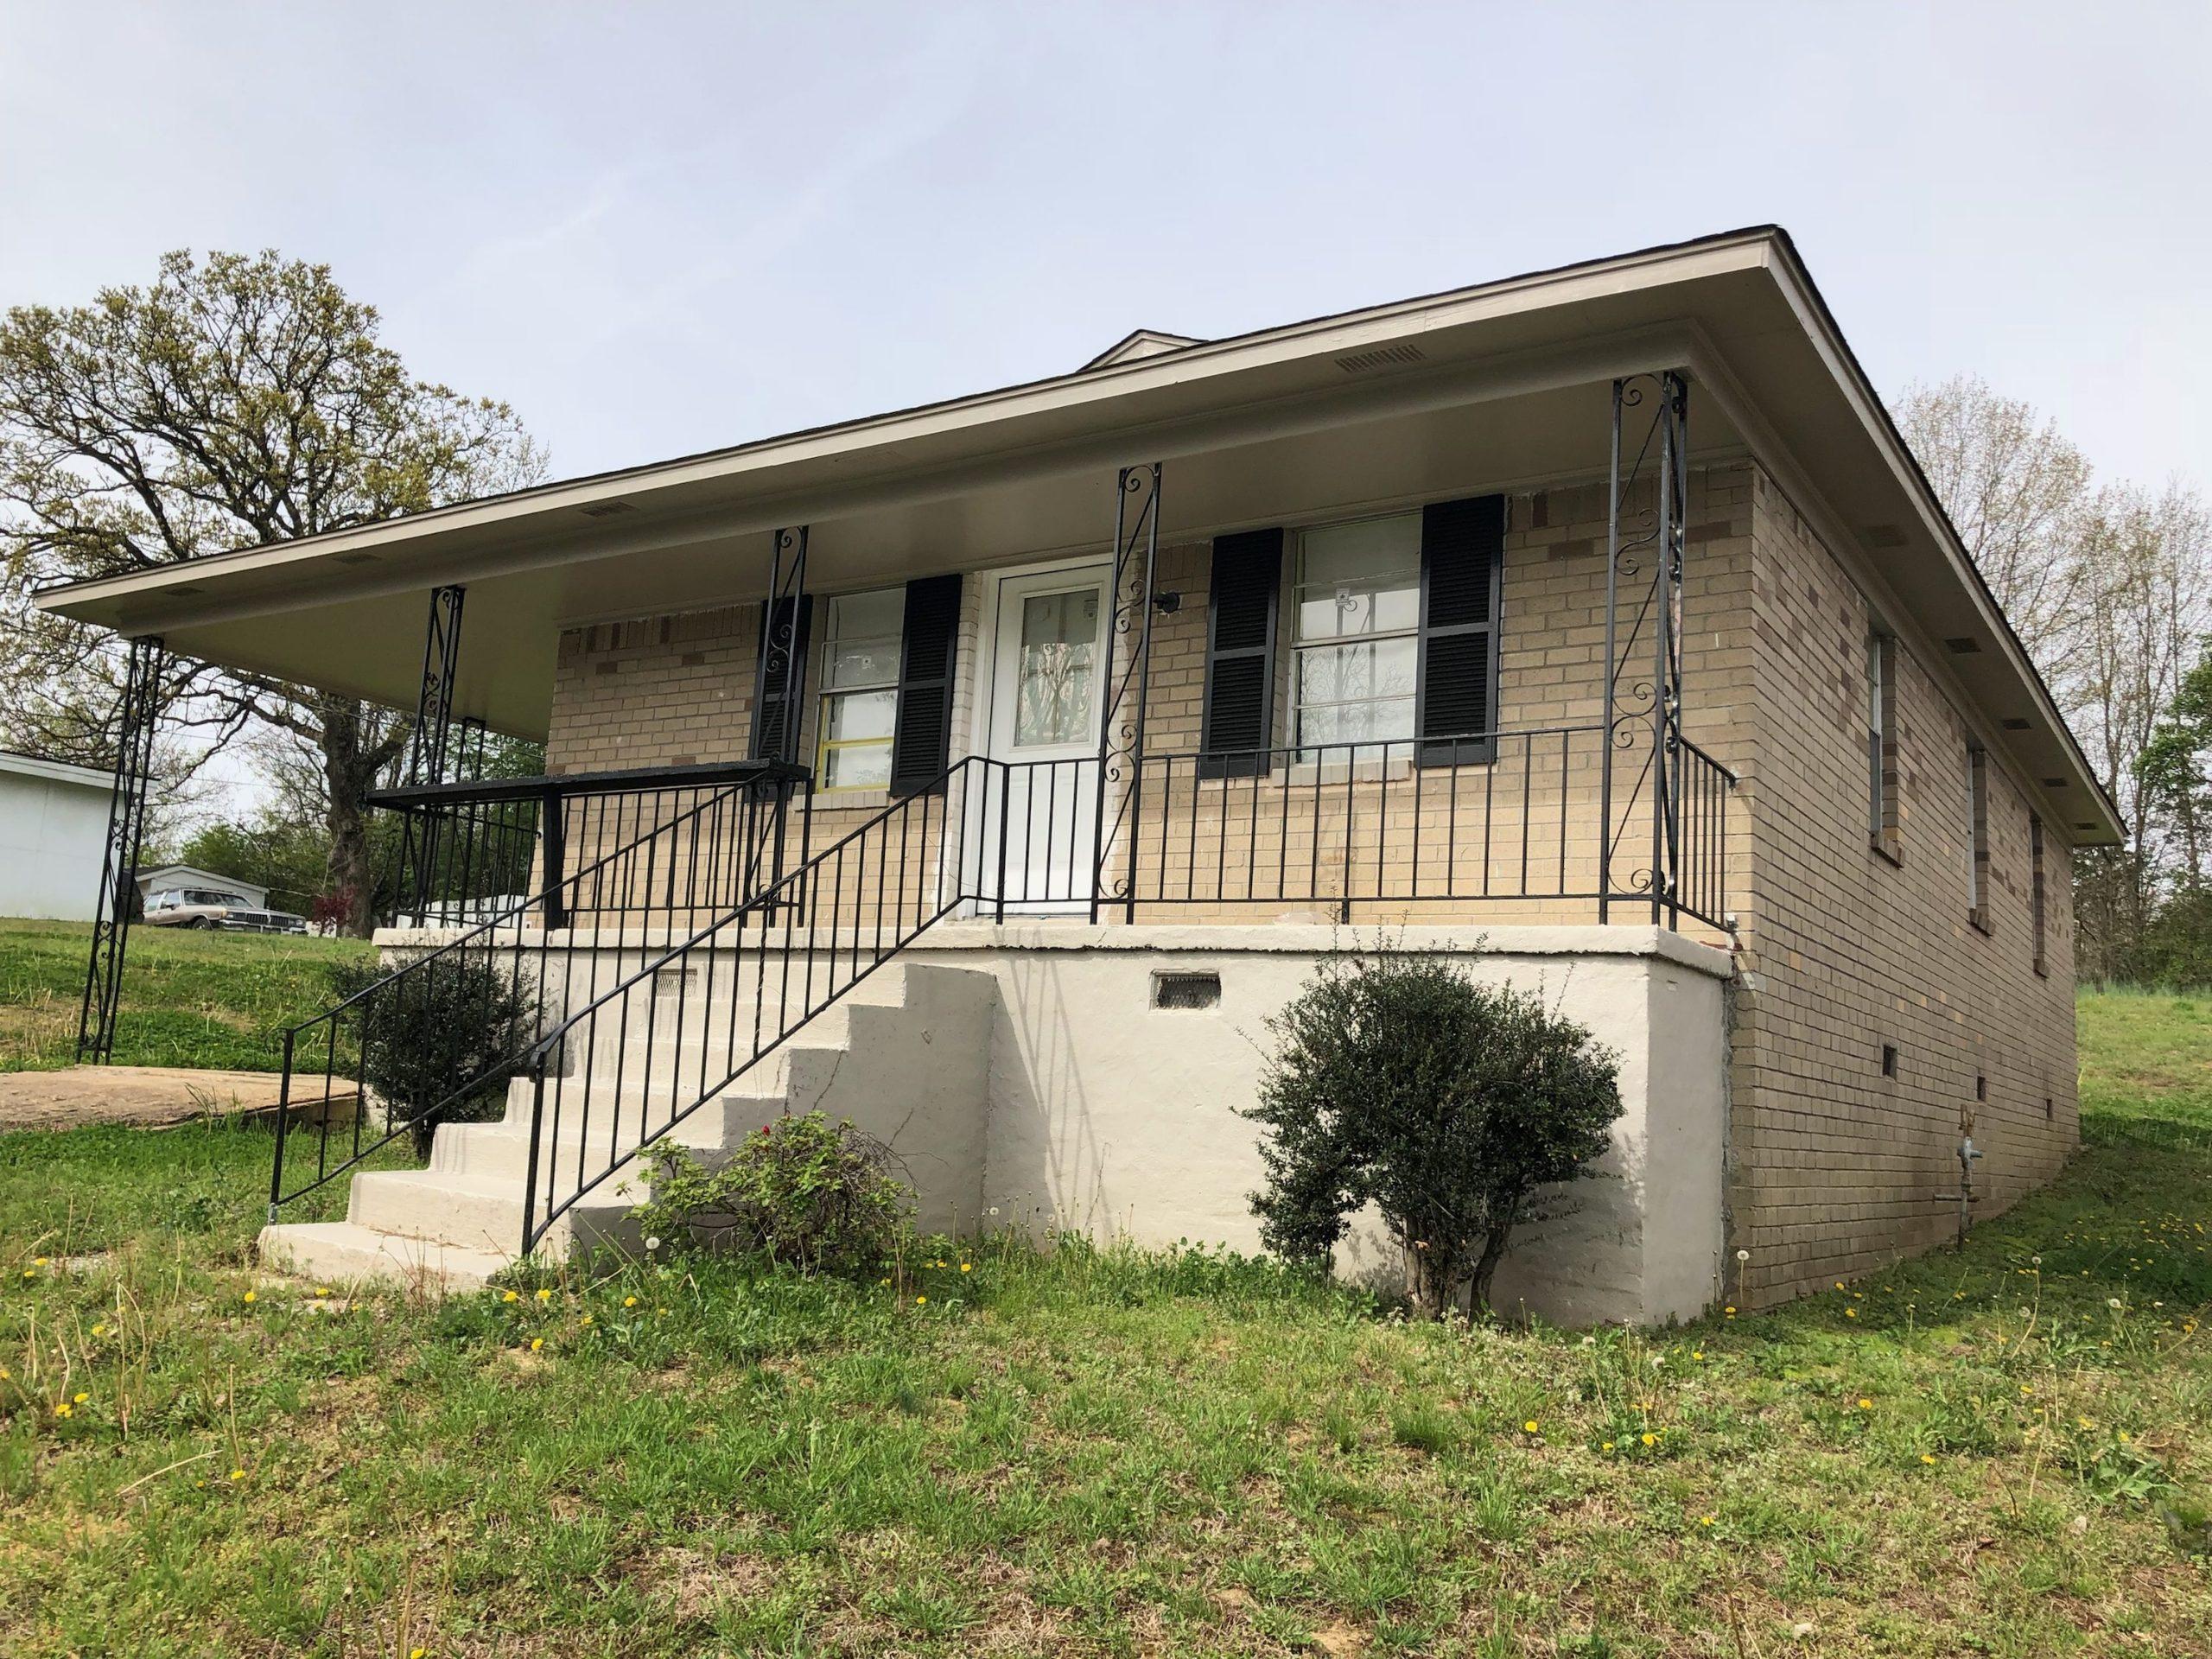 5177 8th Road<br>Memphis, TN 38109